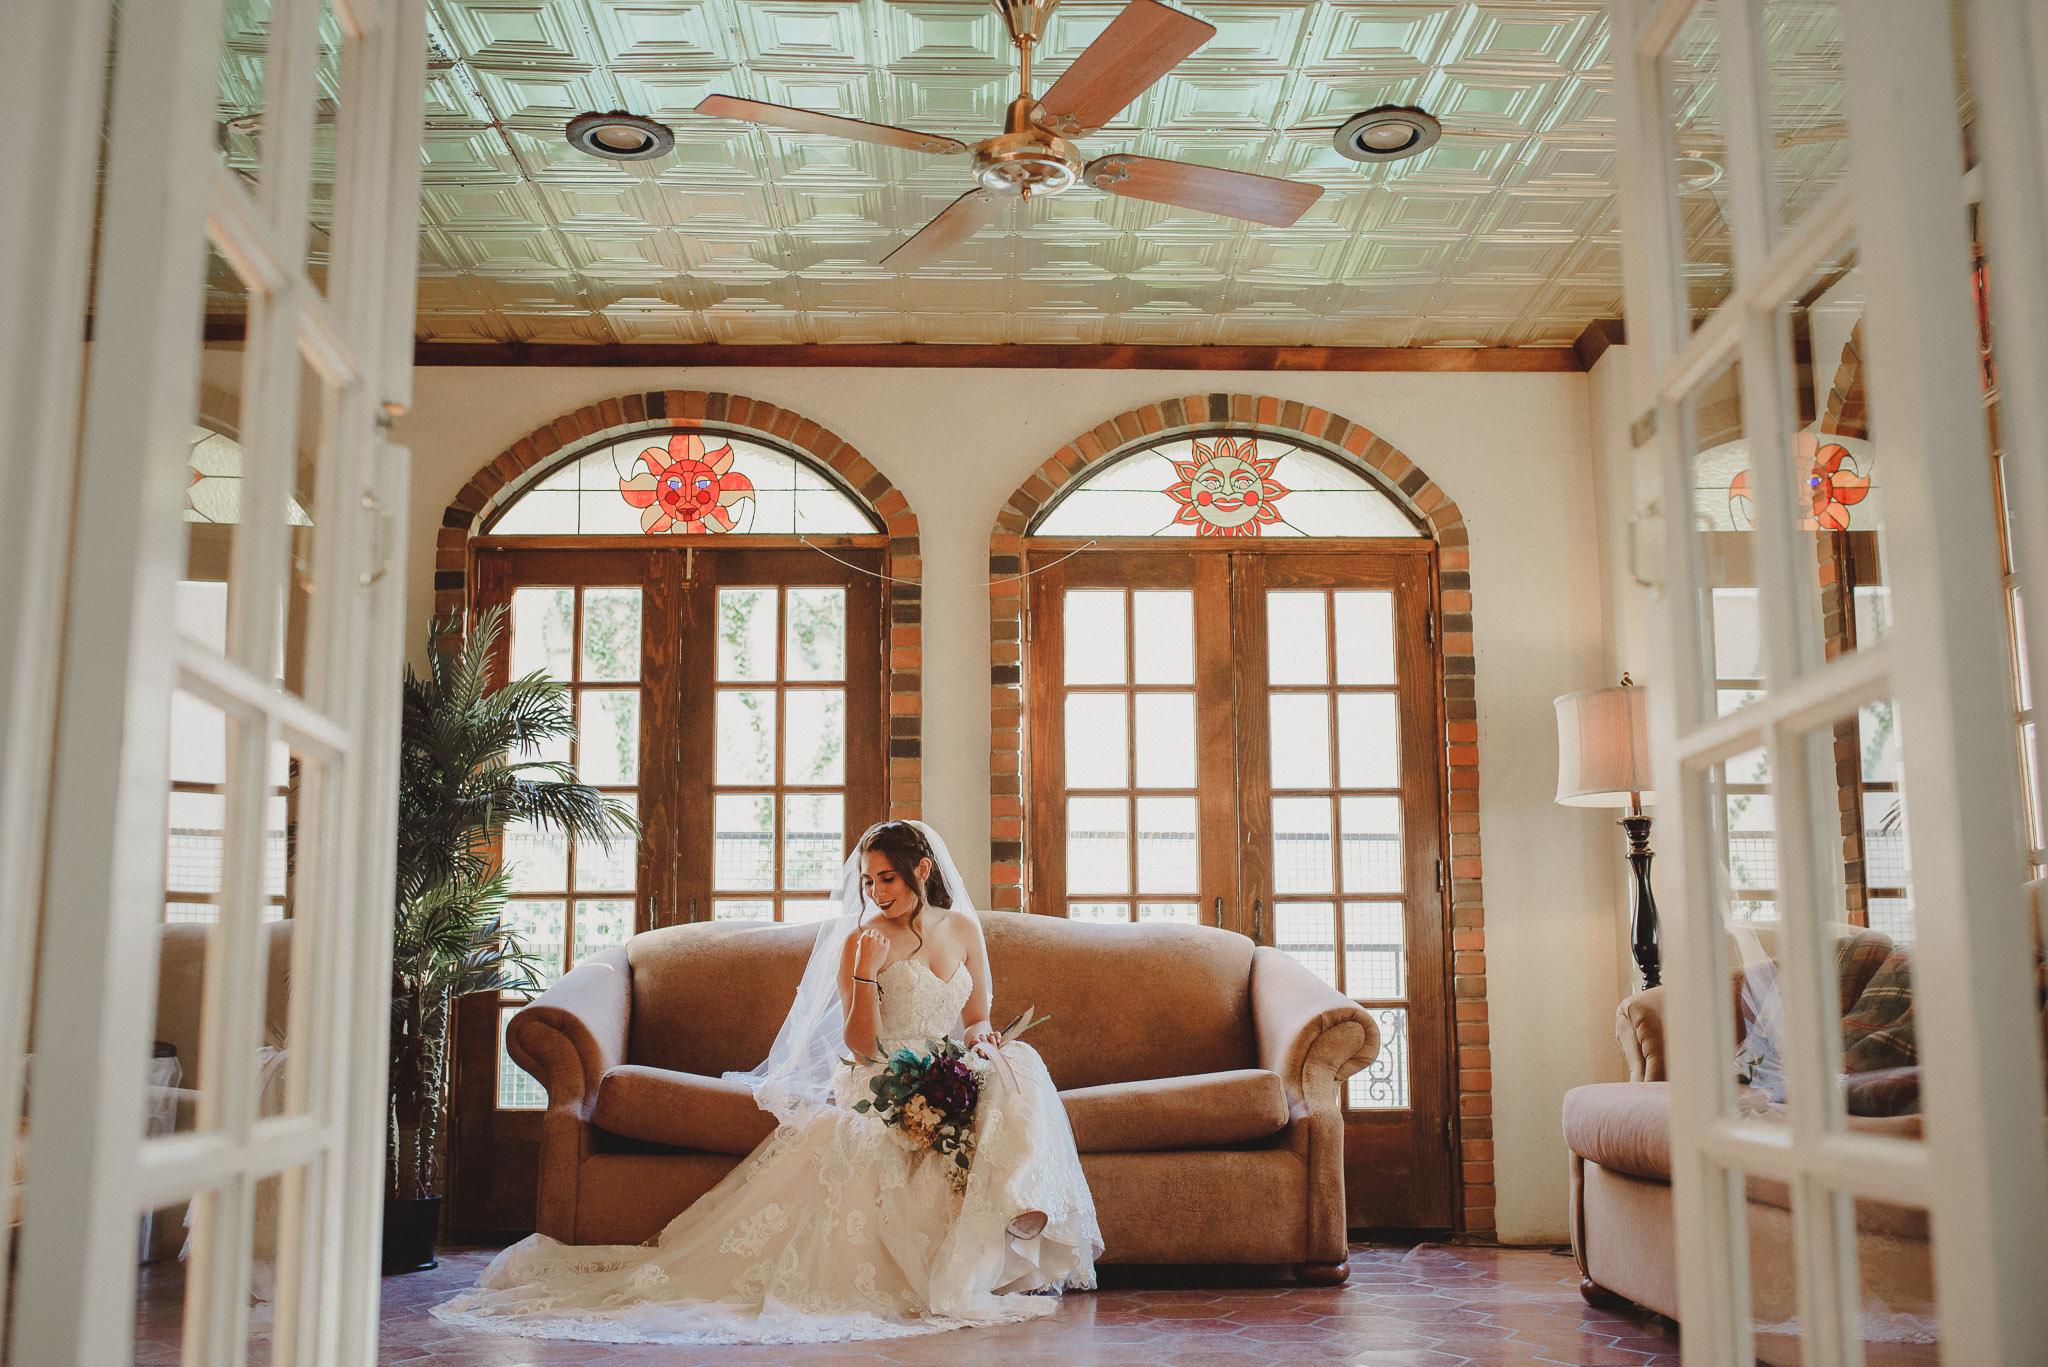 Marfa_Texas_Wedding_Photographer-0012.jpg